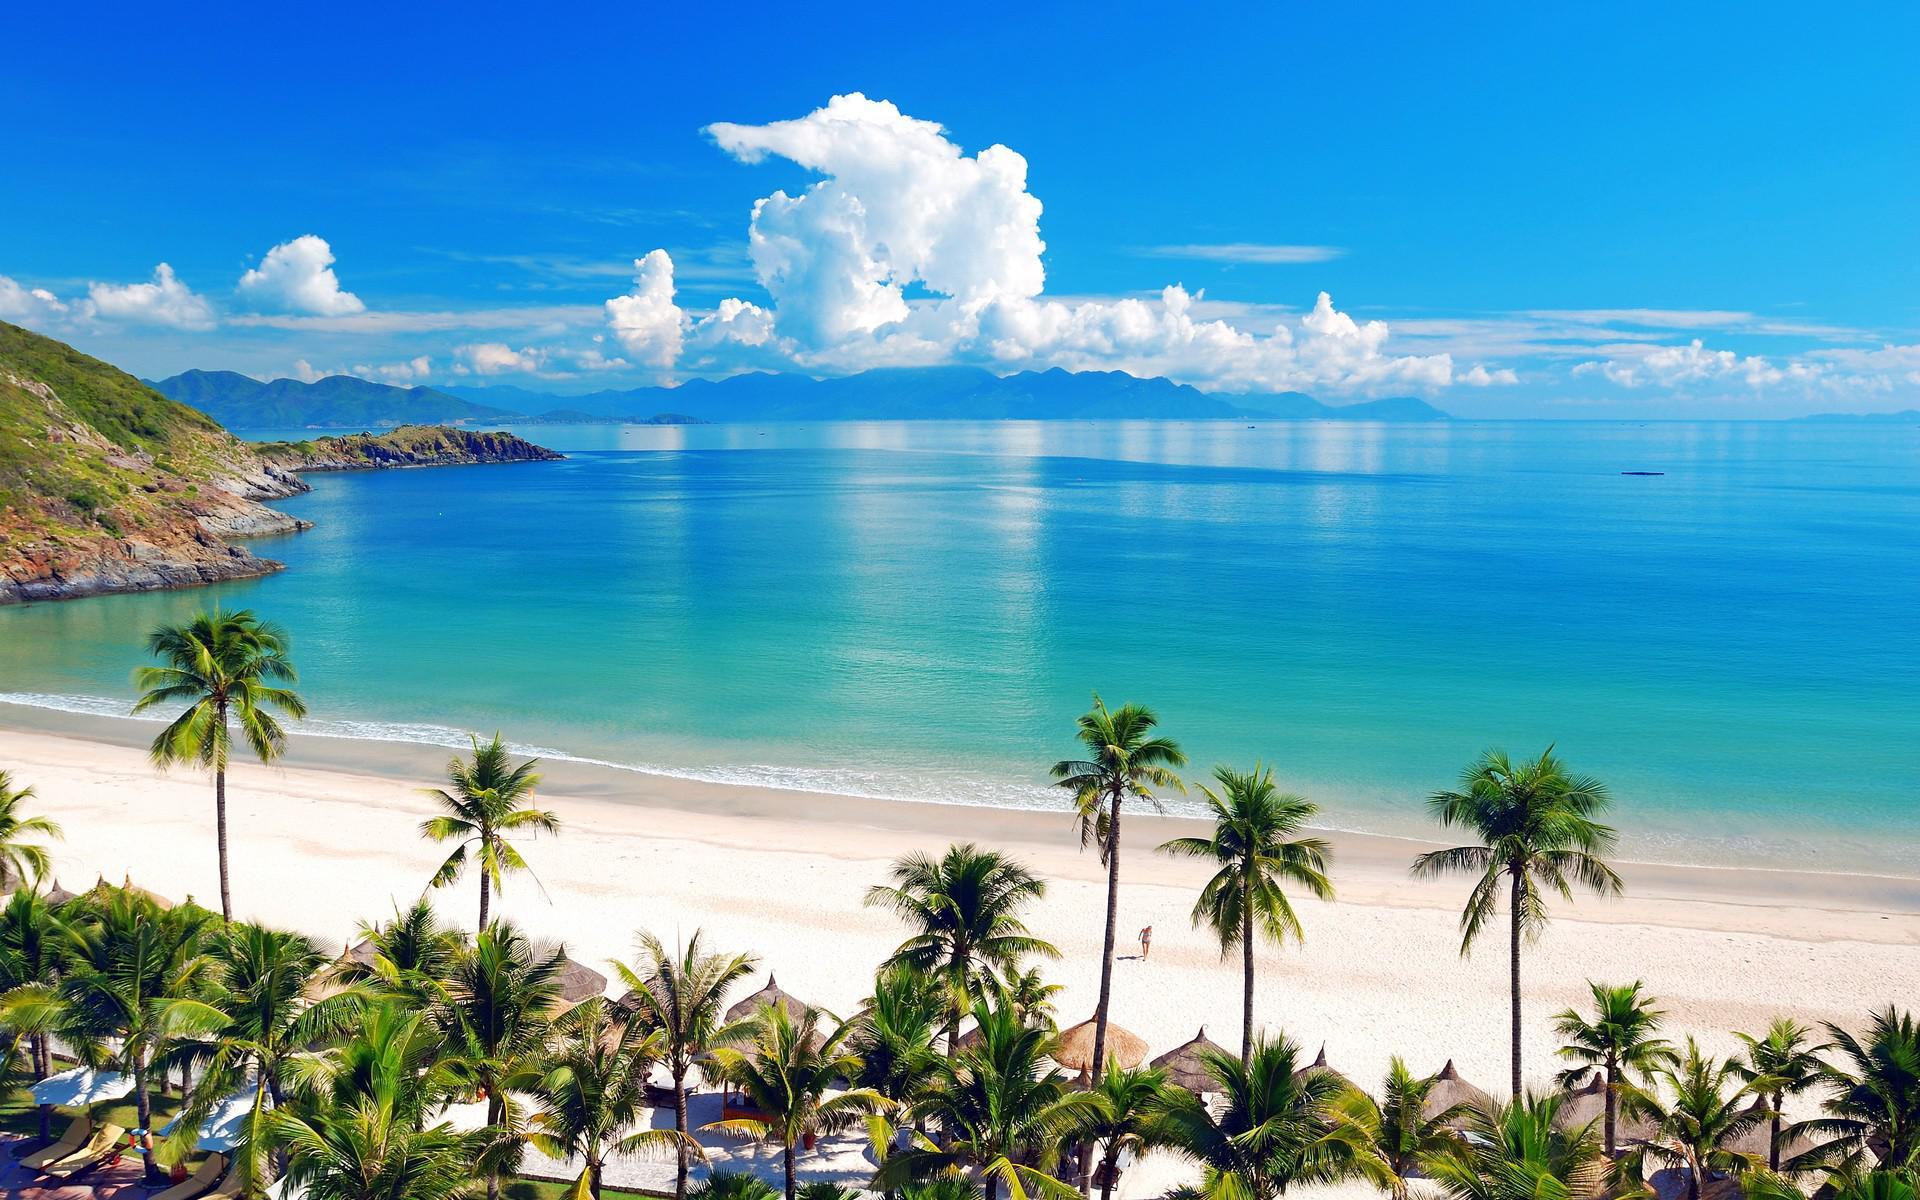 原创             被中国基建打败的国家:南海岛屿是中国3倍,填海却被中国碾压